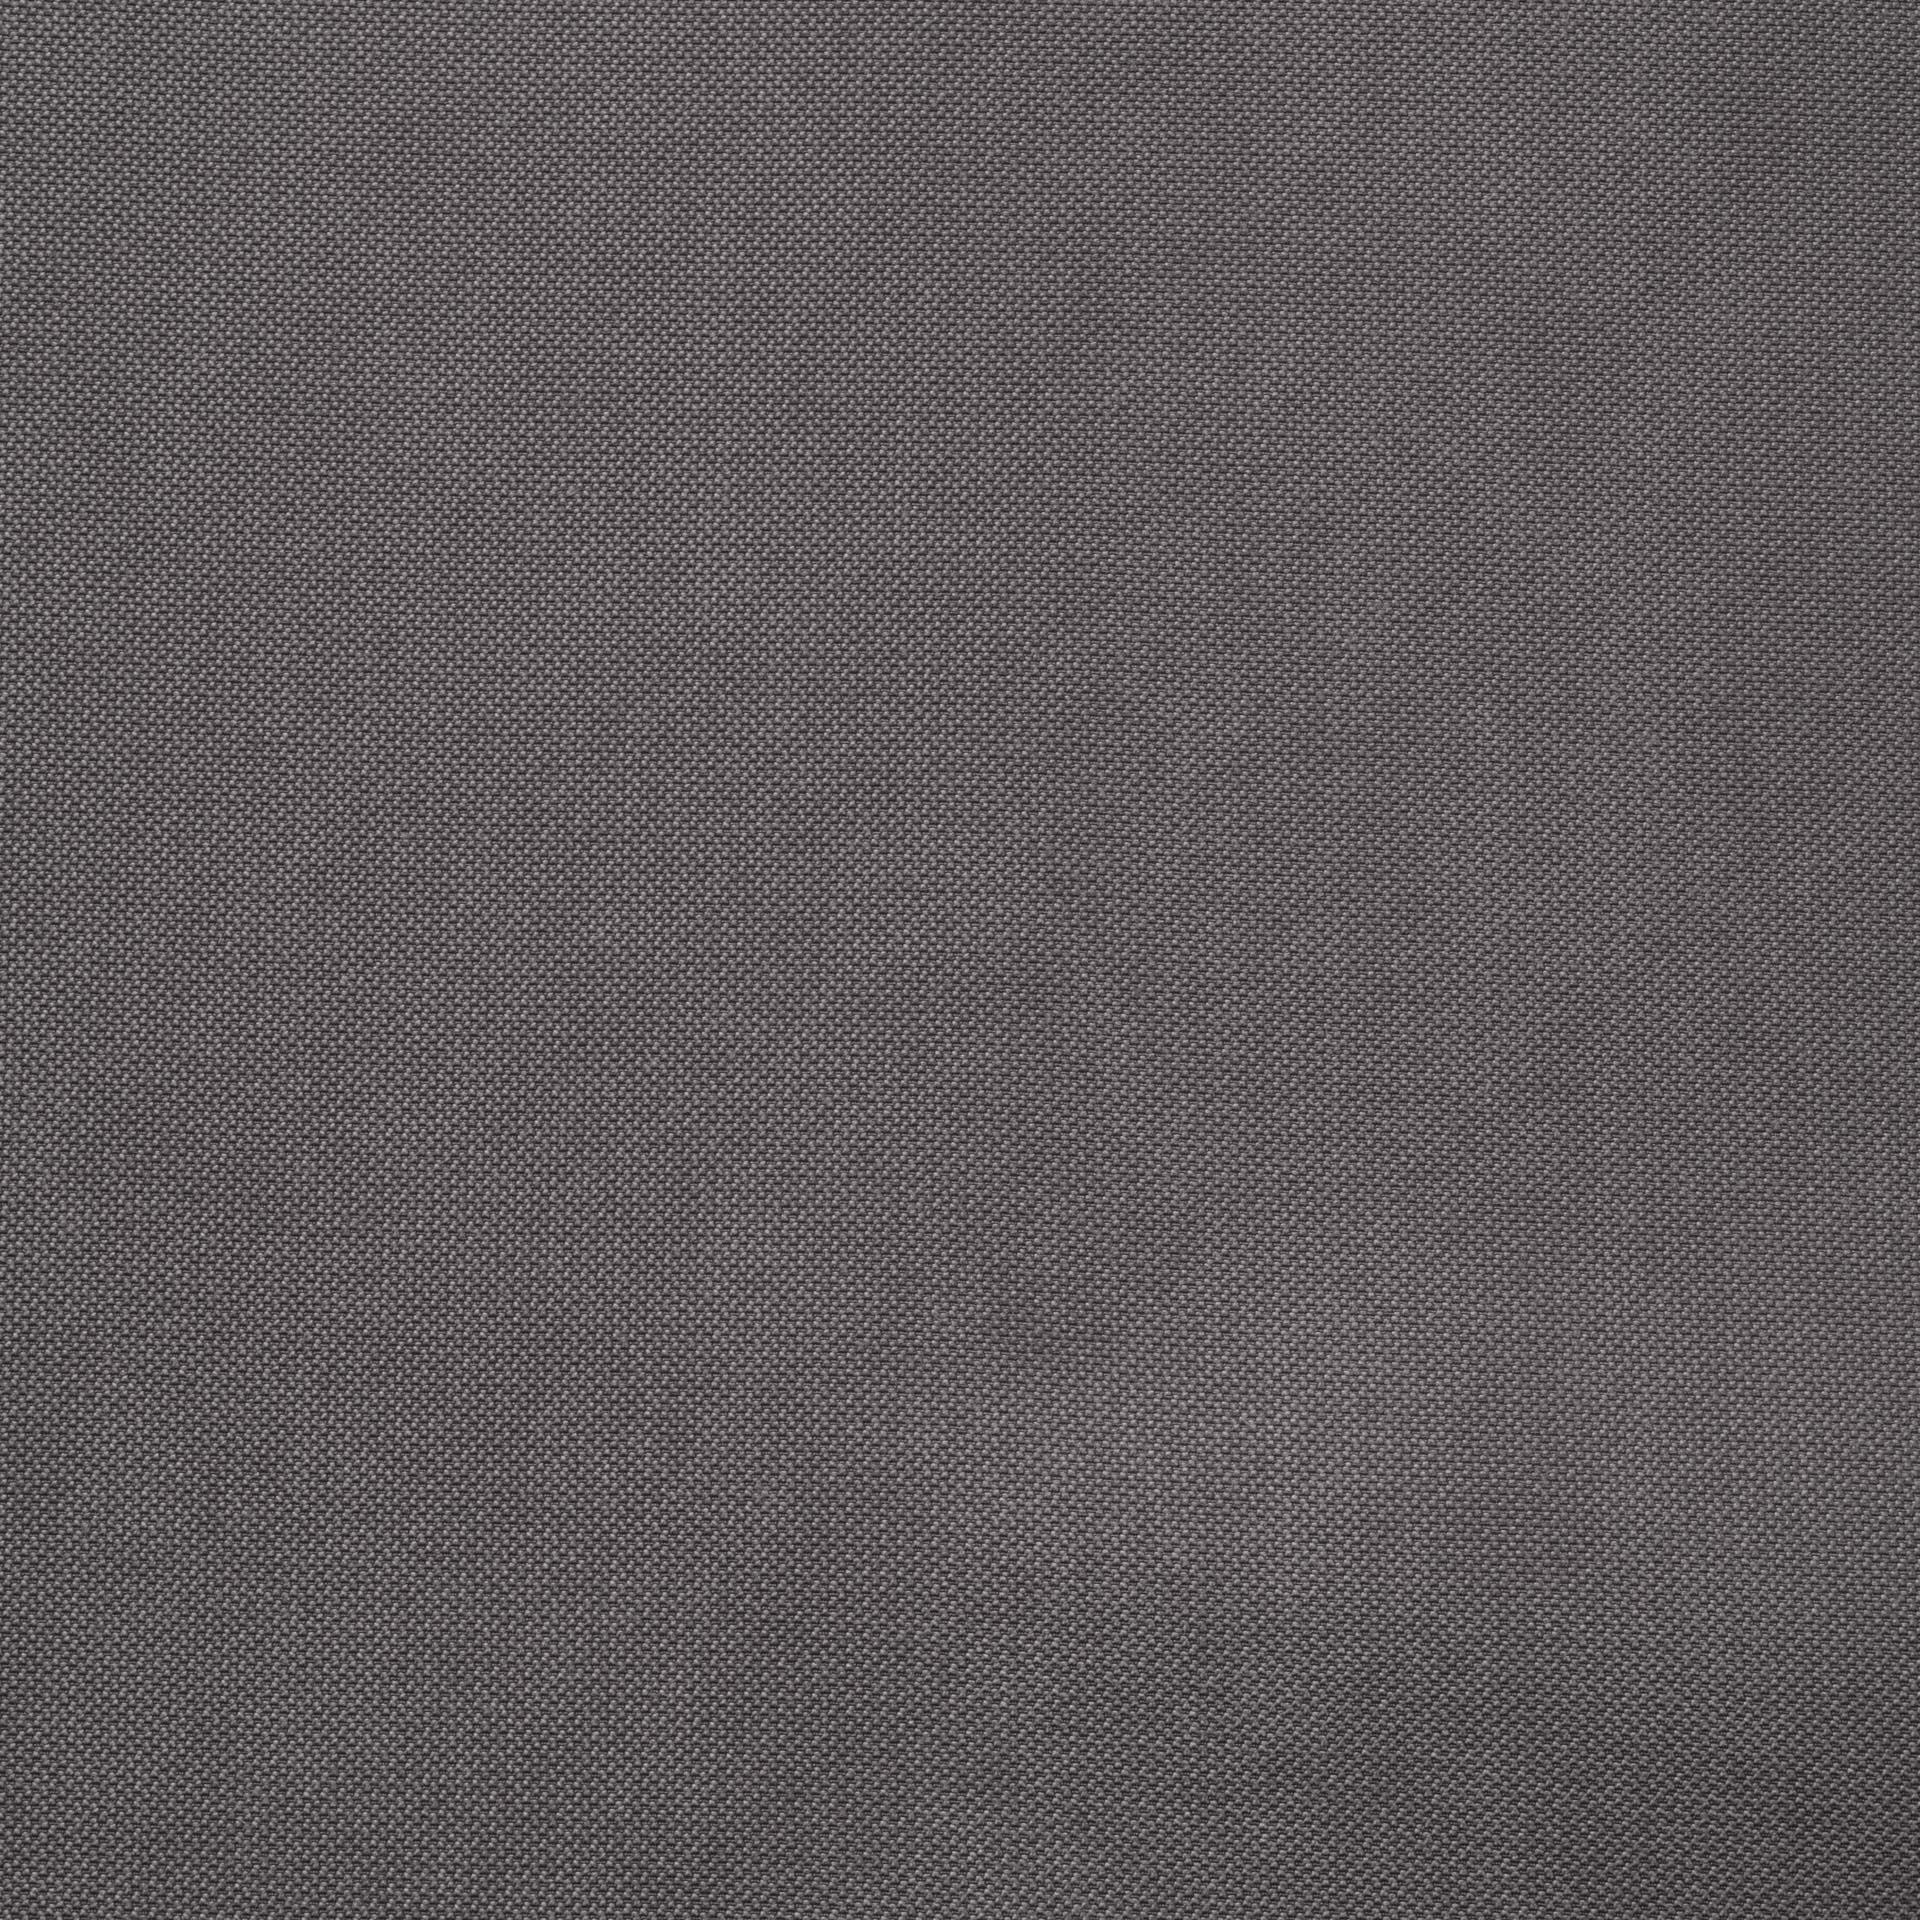 Коллекция ткани Стэнли 22 ASH GREY,  купить ткань Жаккард для мебели Украина